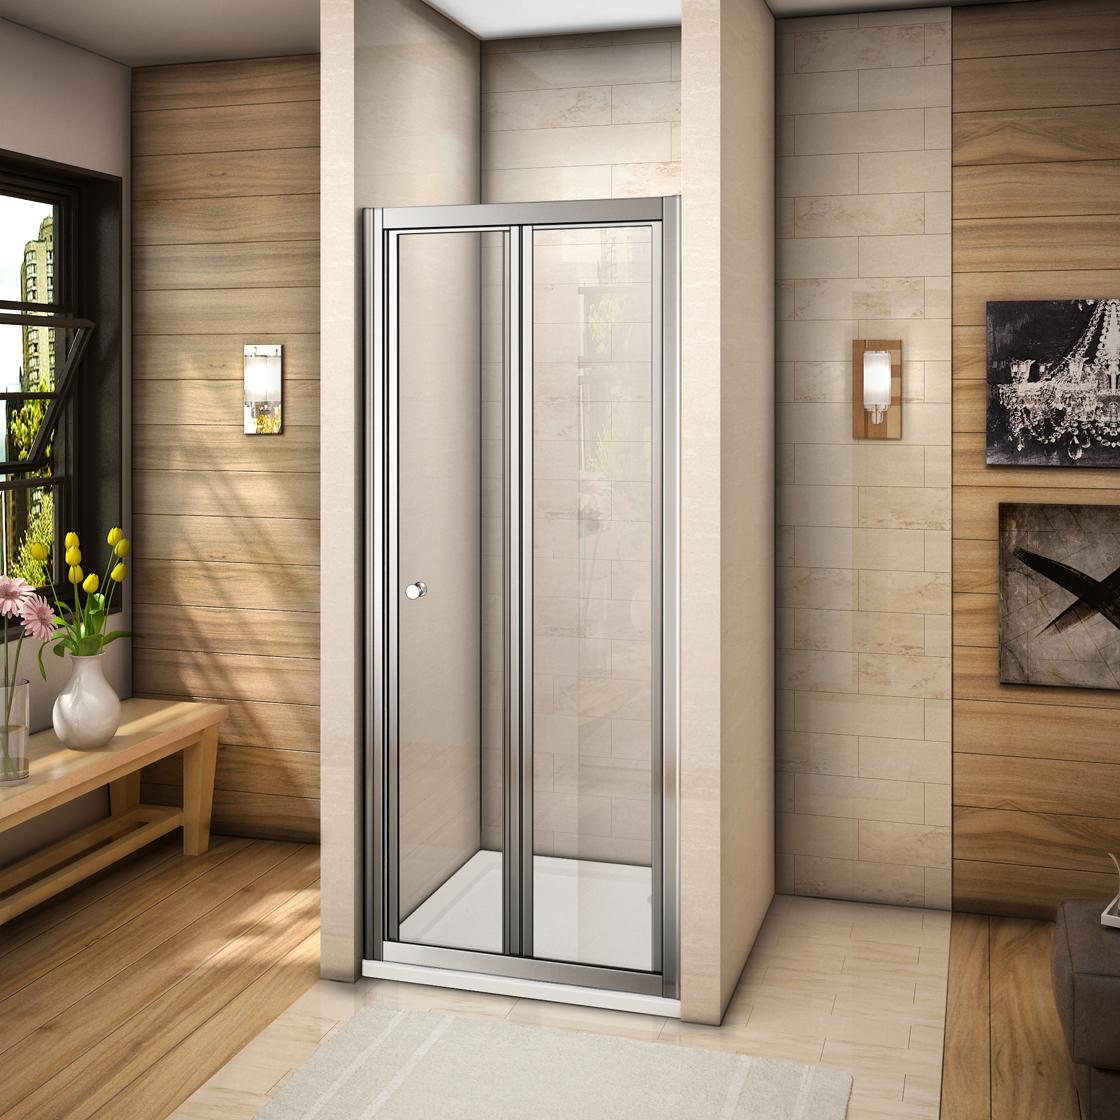 duschabtrennung duschkabine nischent r faltt r duschwand mit 90x80cm duschtasse ebay. Black Bedroom Furniture Sets. Home Design Ideas